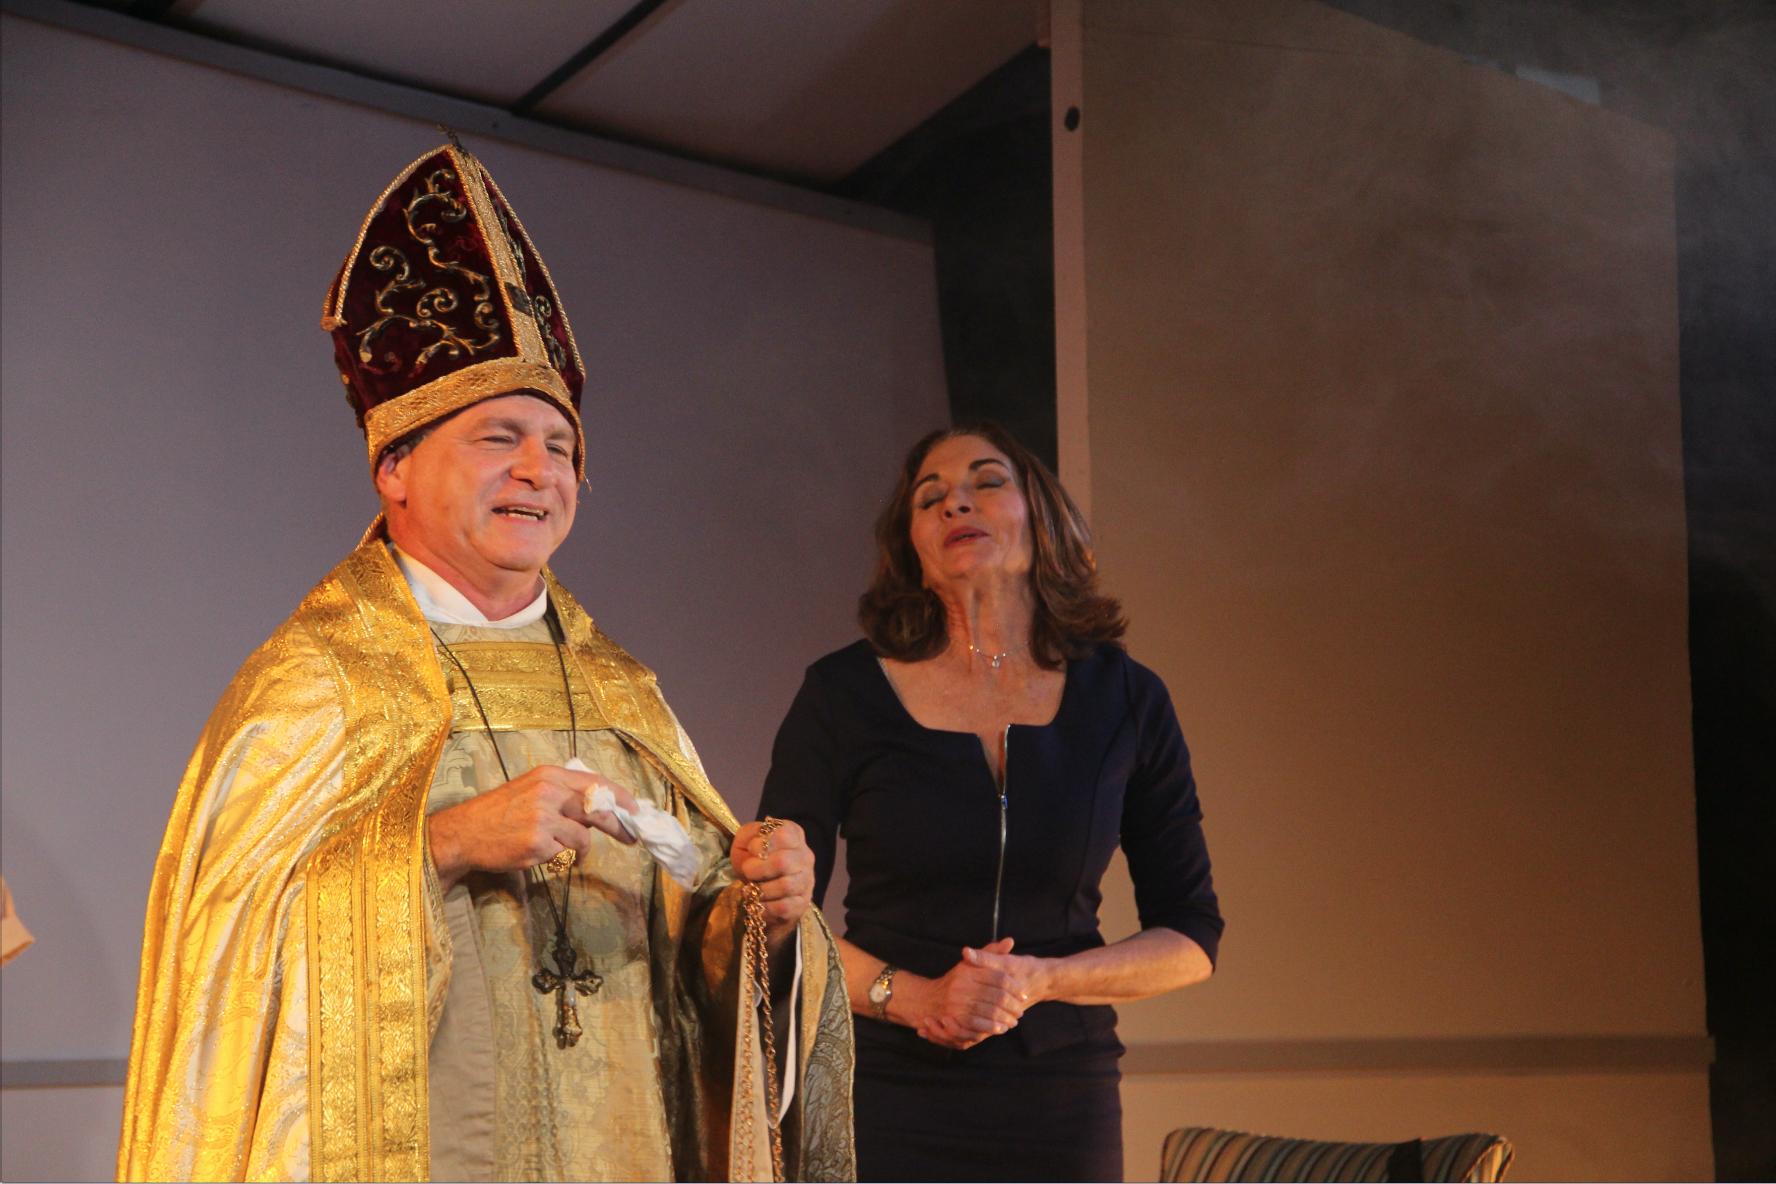 The Pope & Veronique